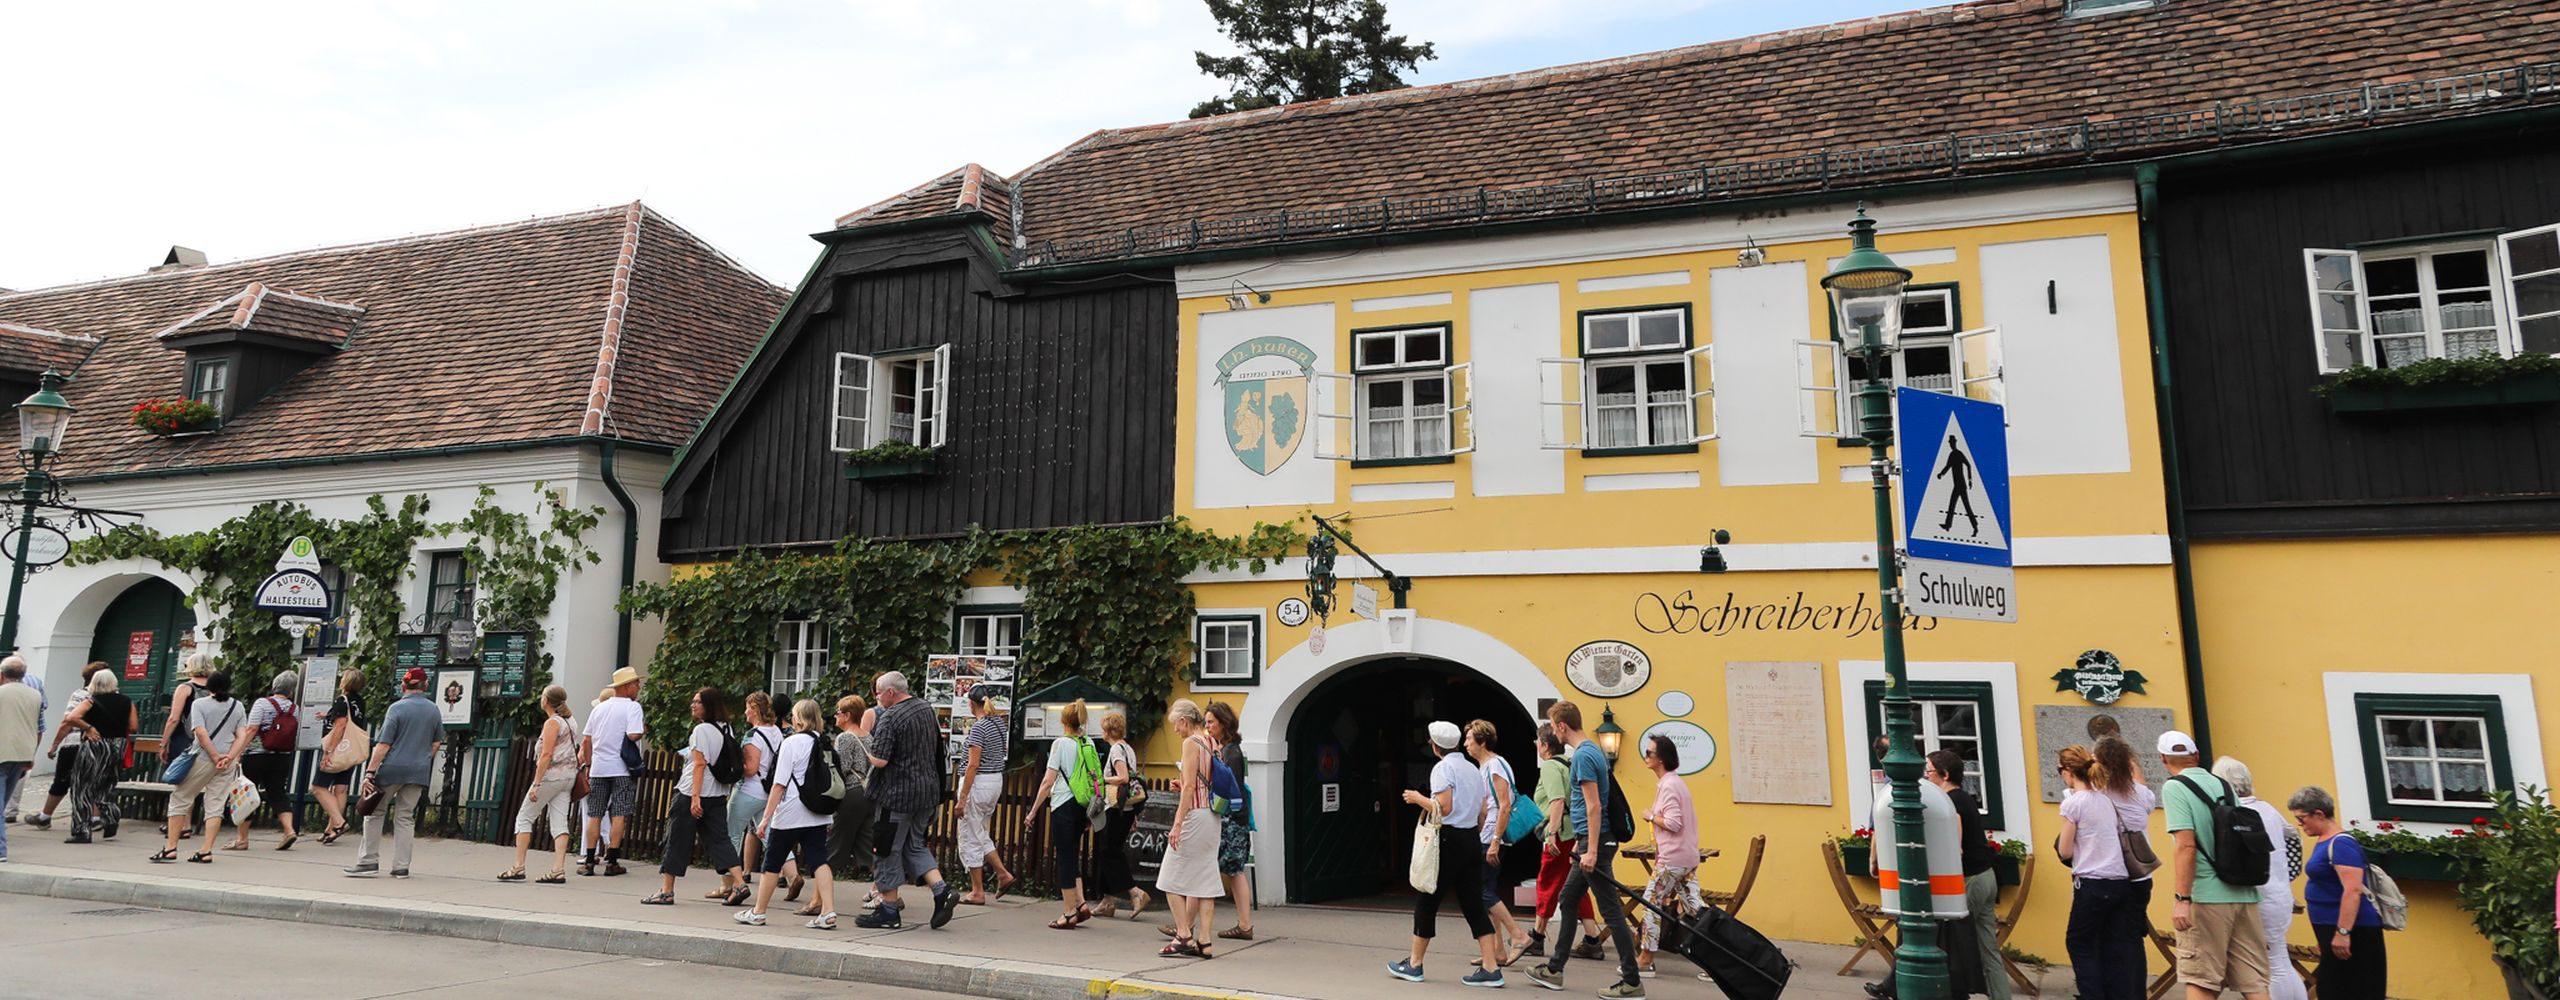 Wien ist eine Metropole, die eigene Weinbaugebiete hat. Das Geh-Cafe besuchte Neistift am Walde und Salmannsdorf und machte sich ein Bild vom ländlichen Teil der Stadt. Foto: Christian Fürthner